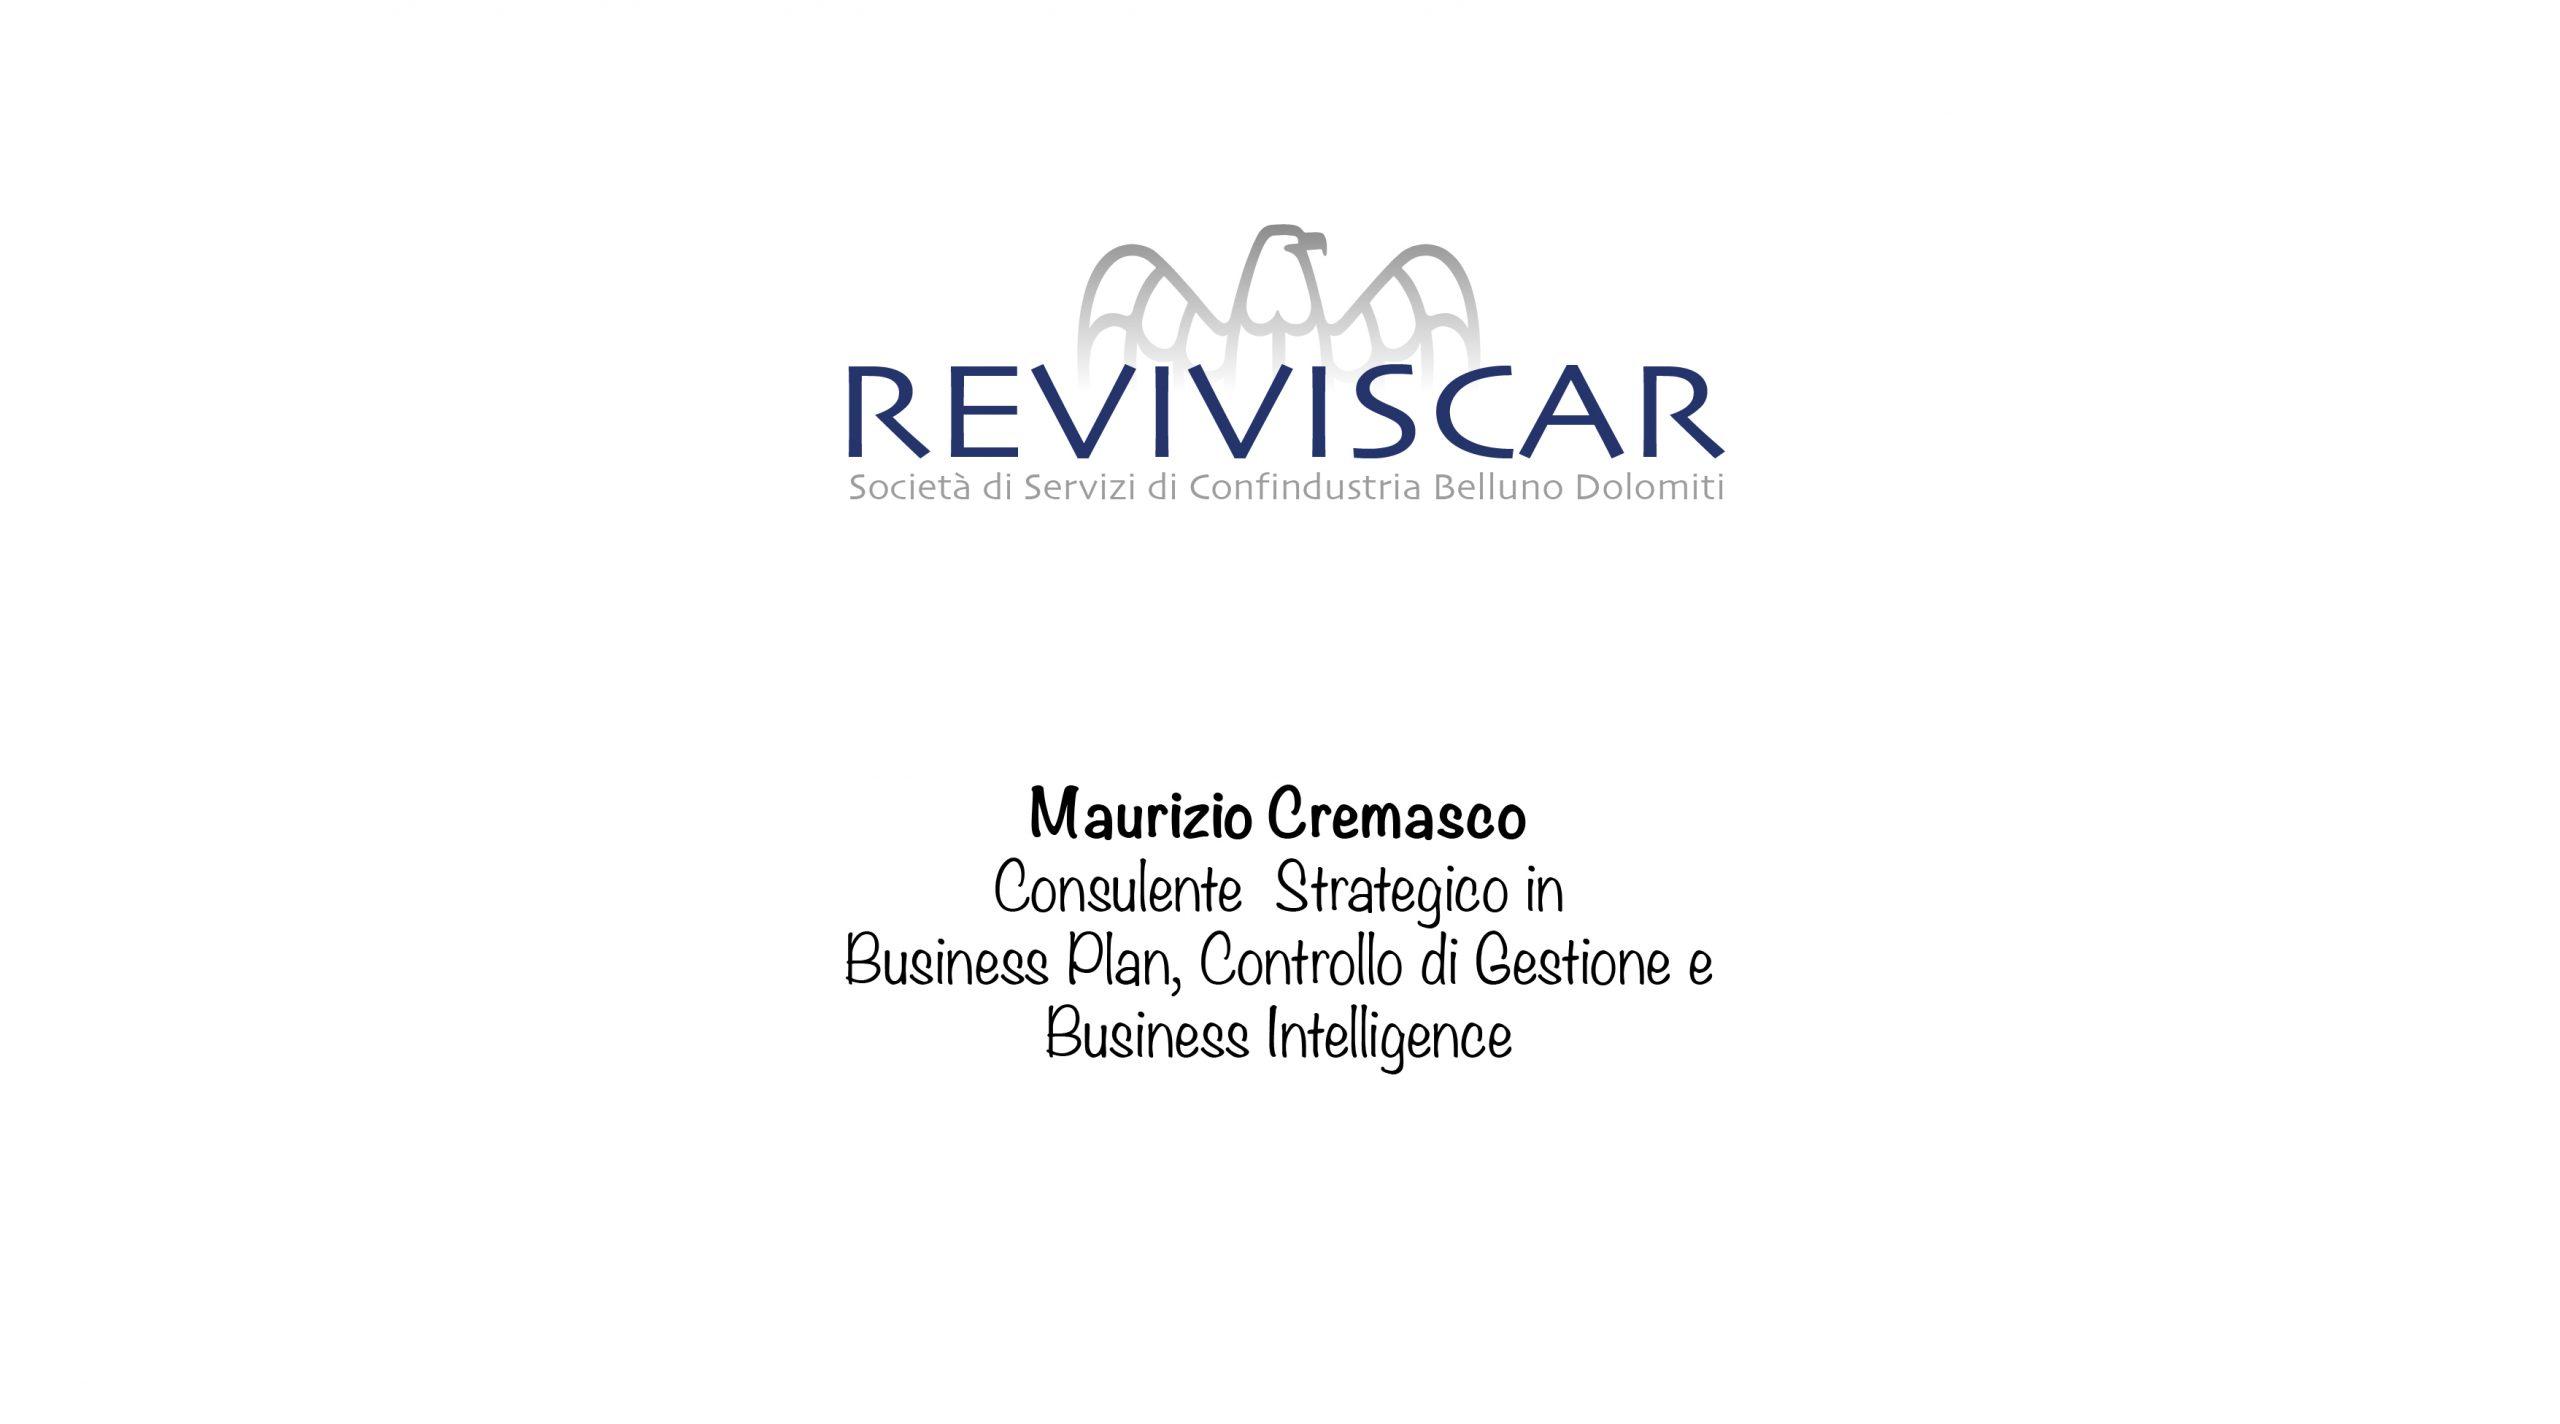 #Andràtuttobene | L'intervento di Maurizio Cremasco – Docente Reviviscar